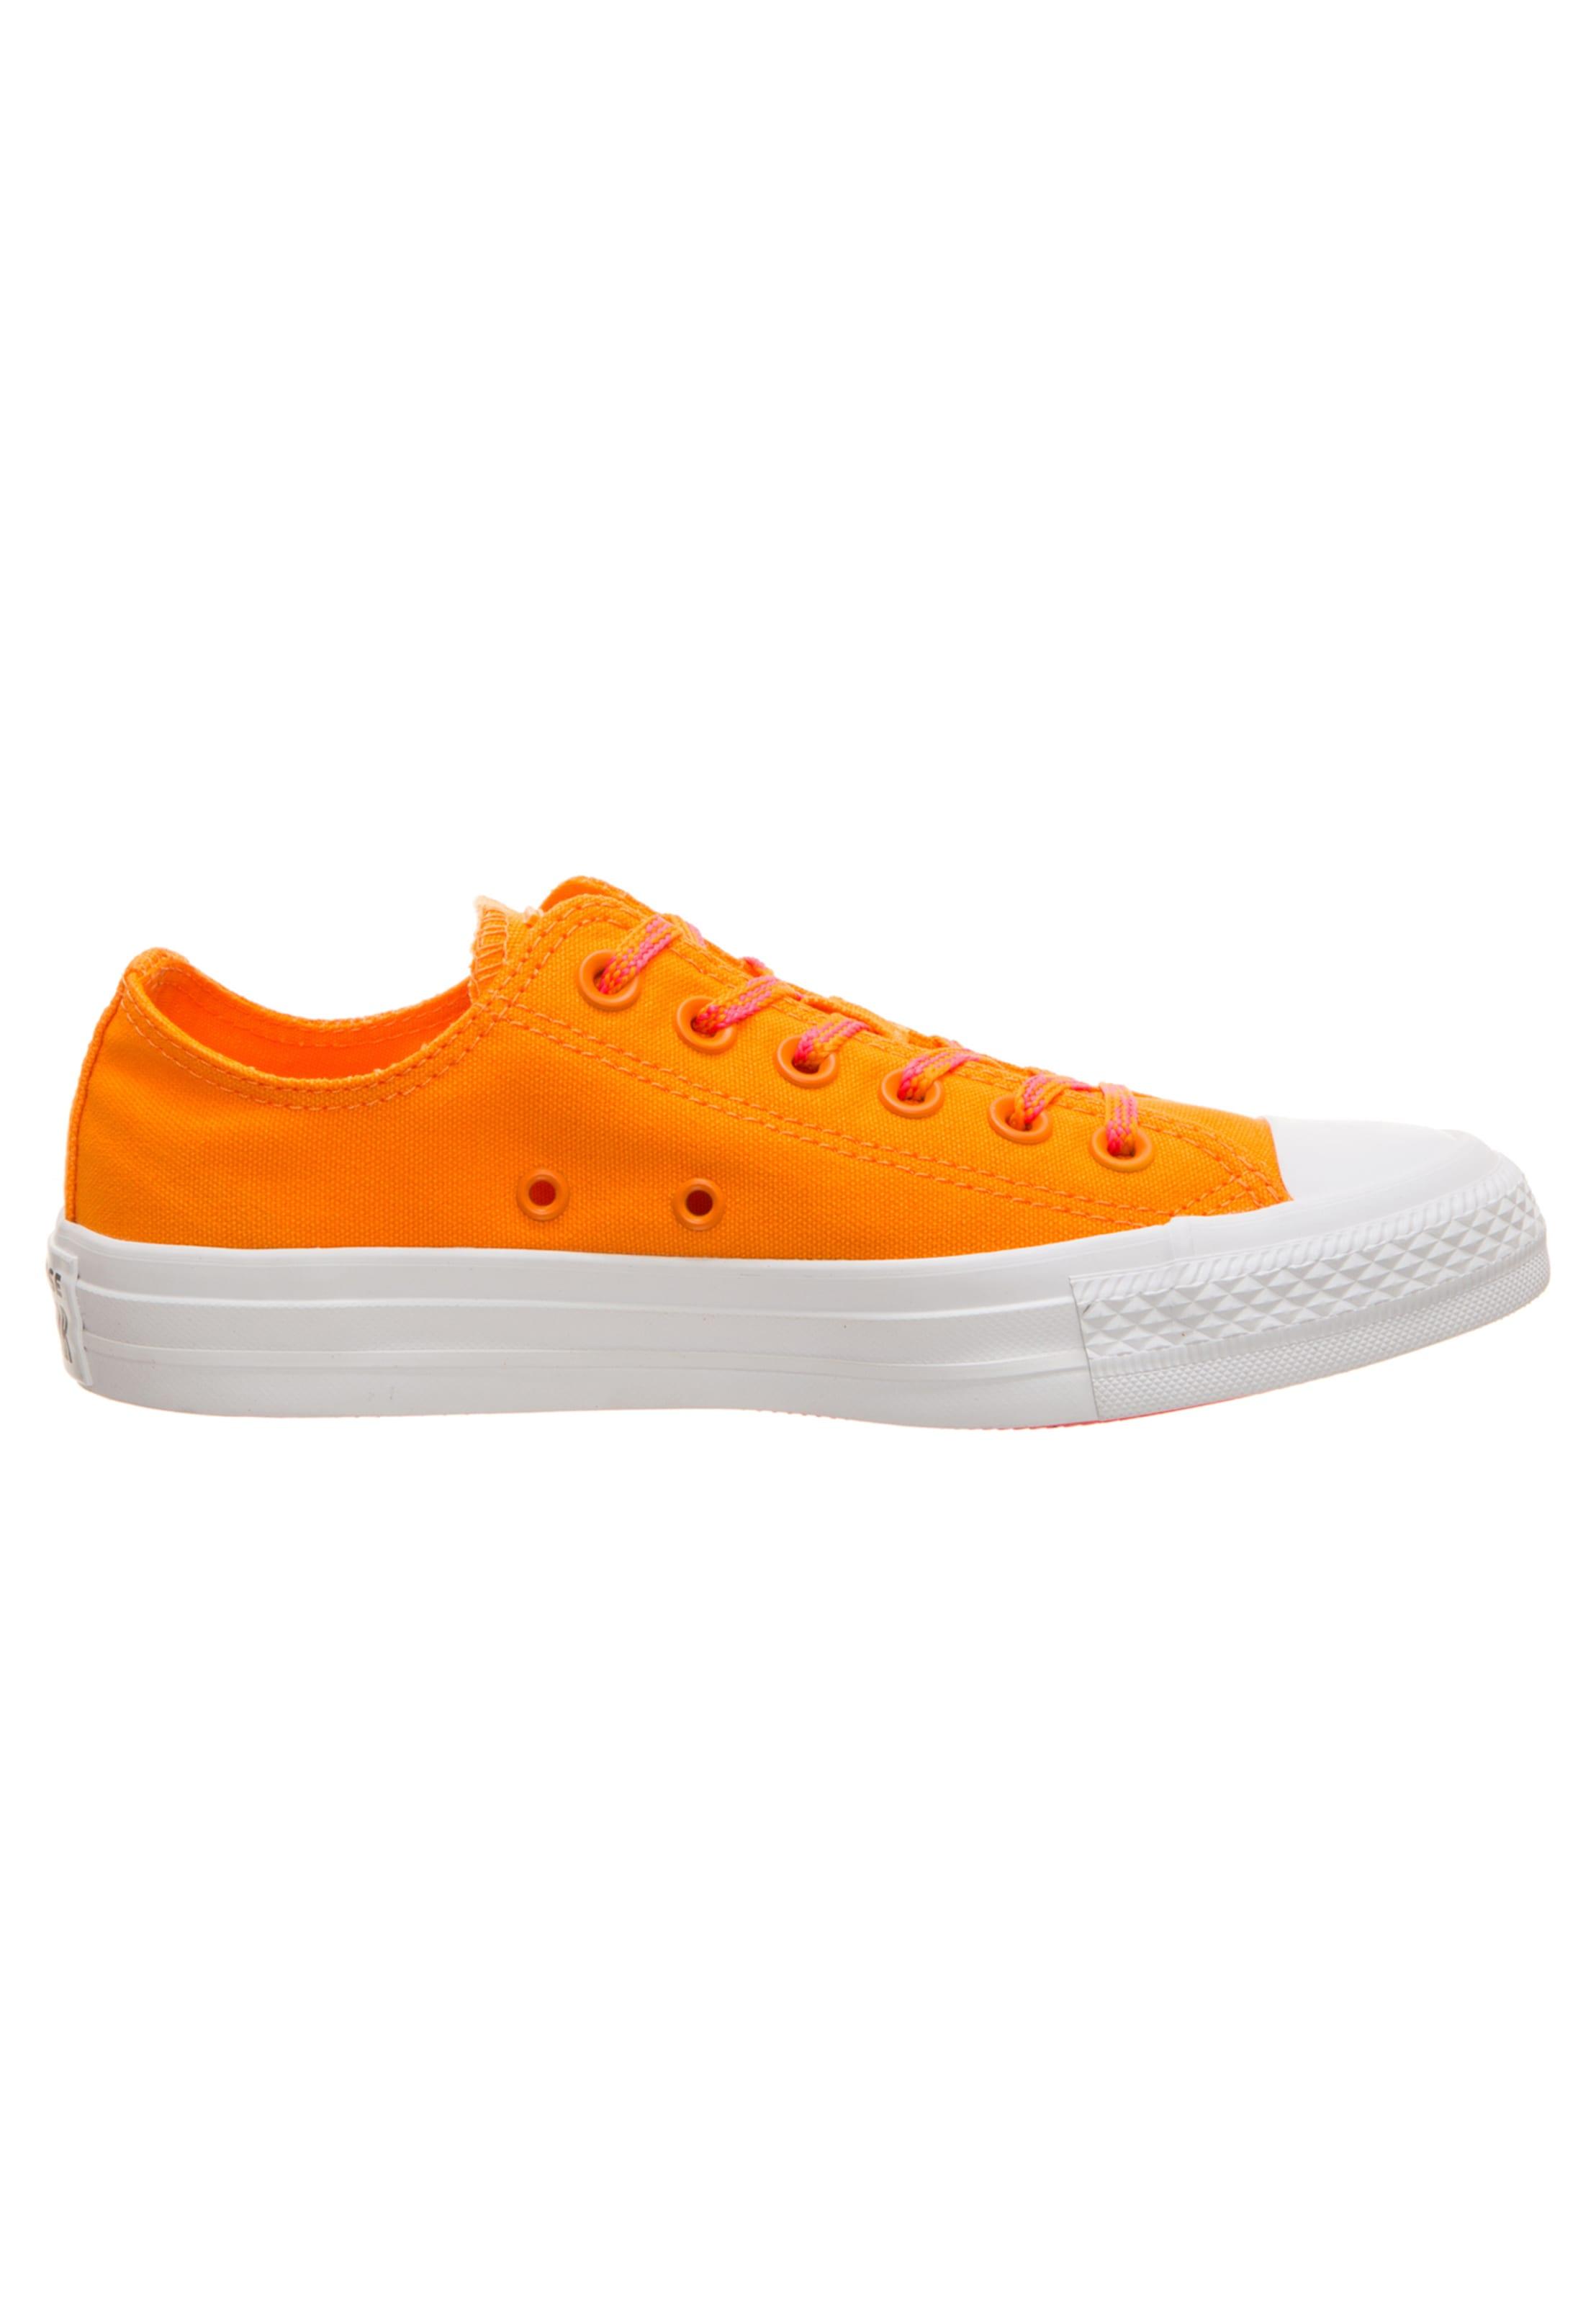 Star' Taylor In Orange Sneaker Converse 'chuck All 80PNnOkXw